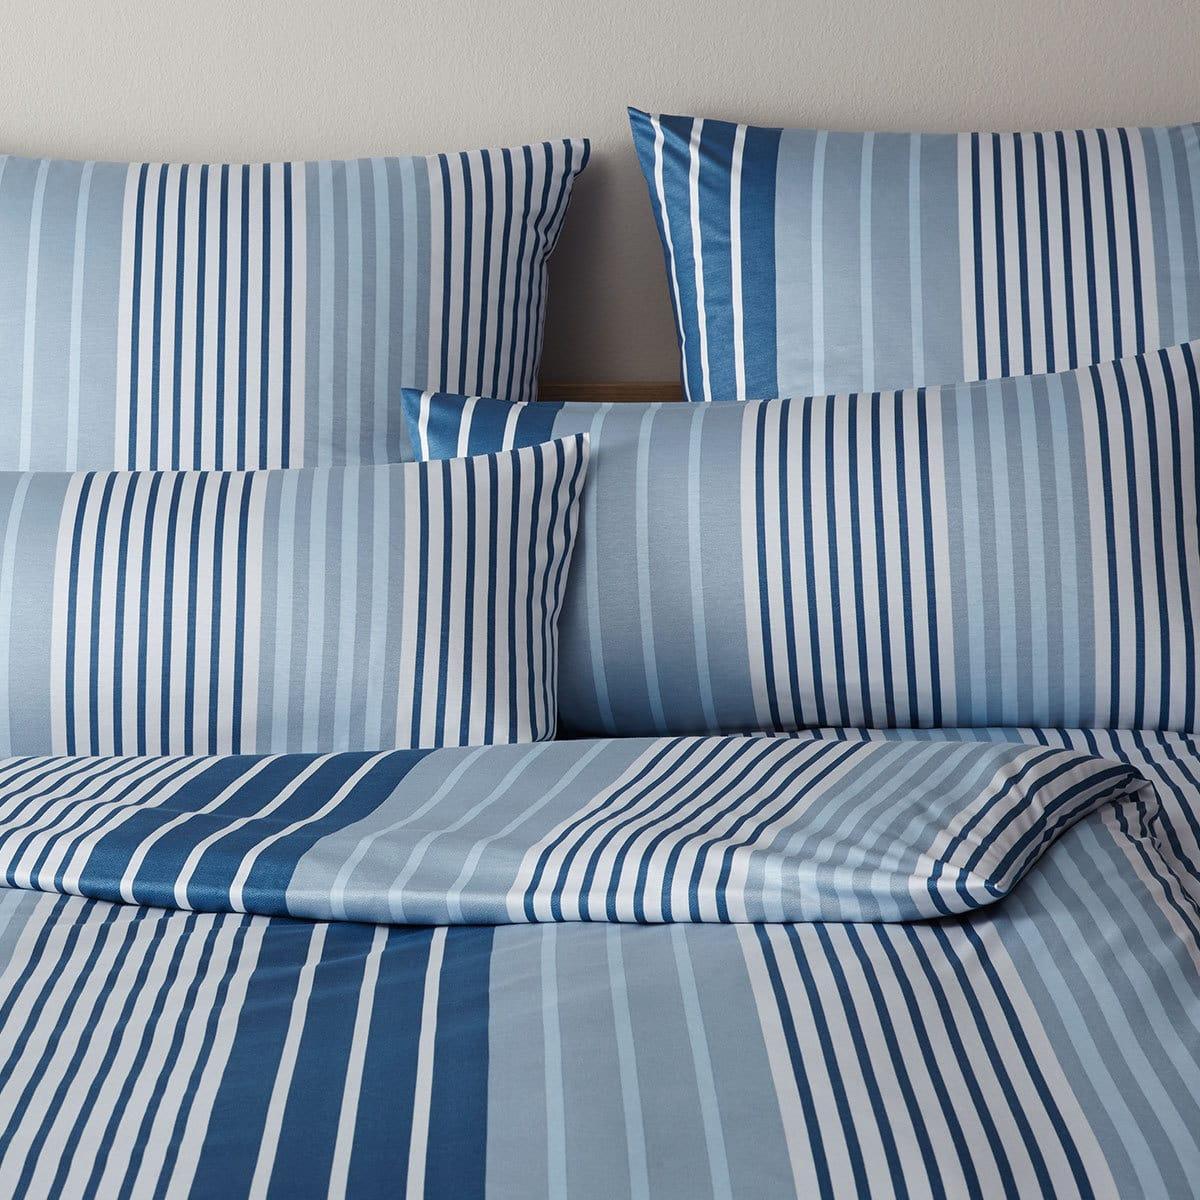 elegante jersey bettw sche shutter rauchblau g nstig online kaufen bei bettwaren shop. Black Bedroom Furniture Sets. Home Design Ideas